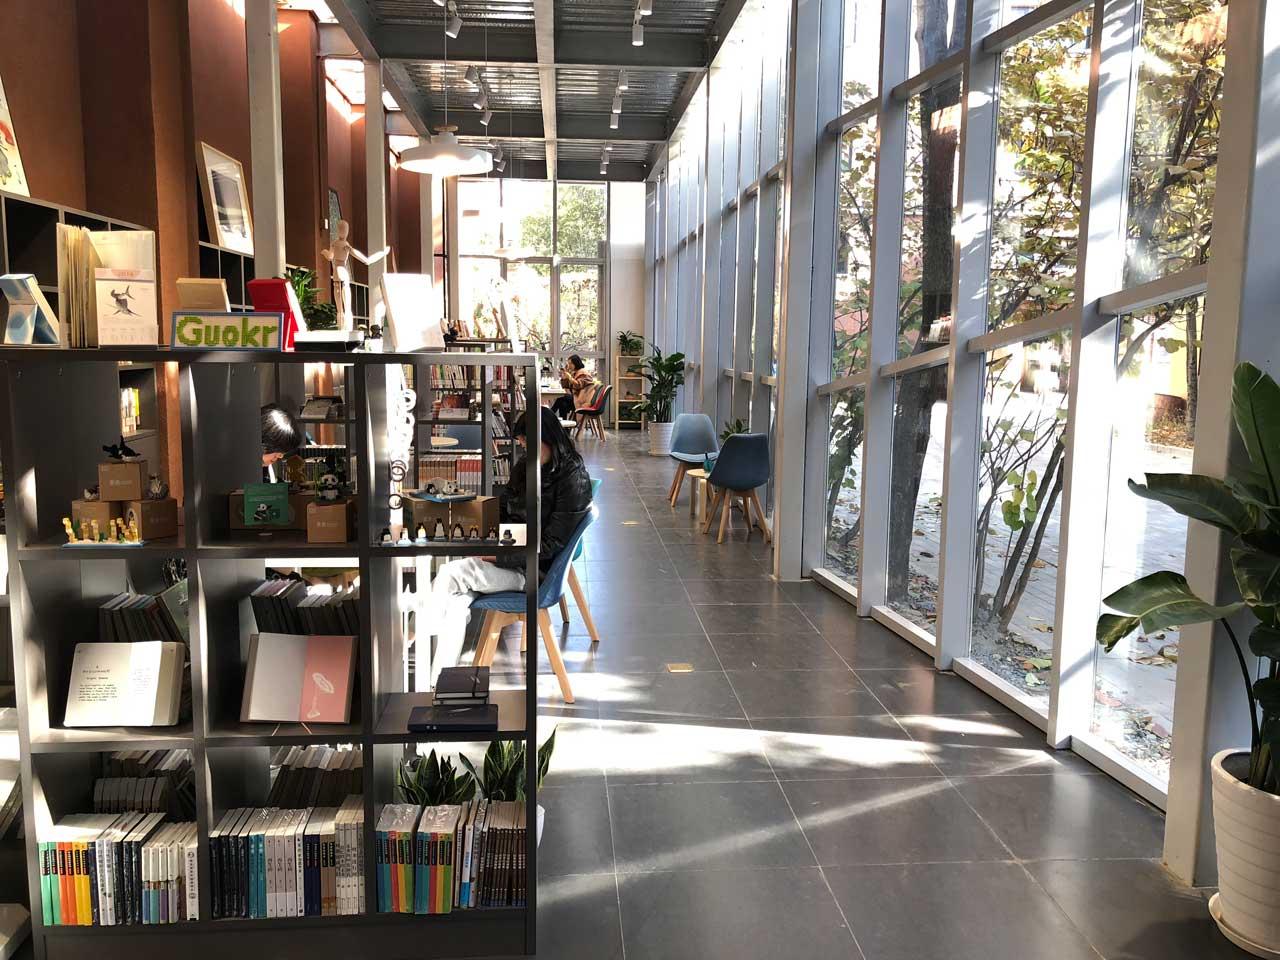 朝阳区城市书屋·良阅书房馆